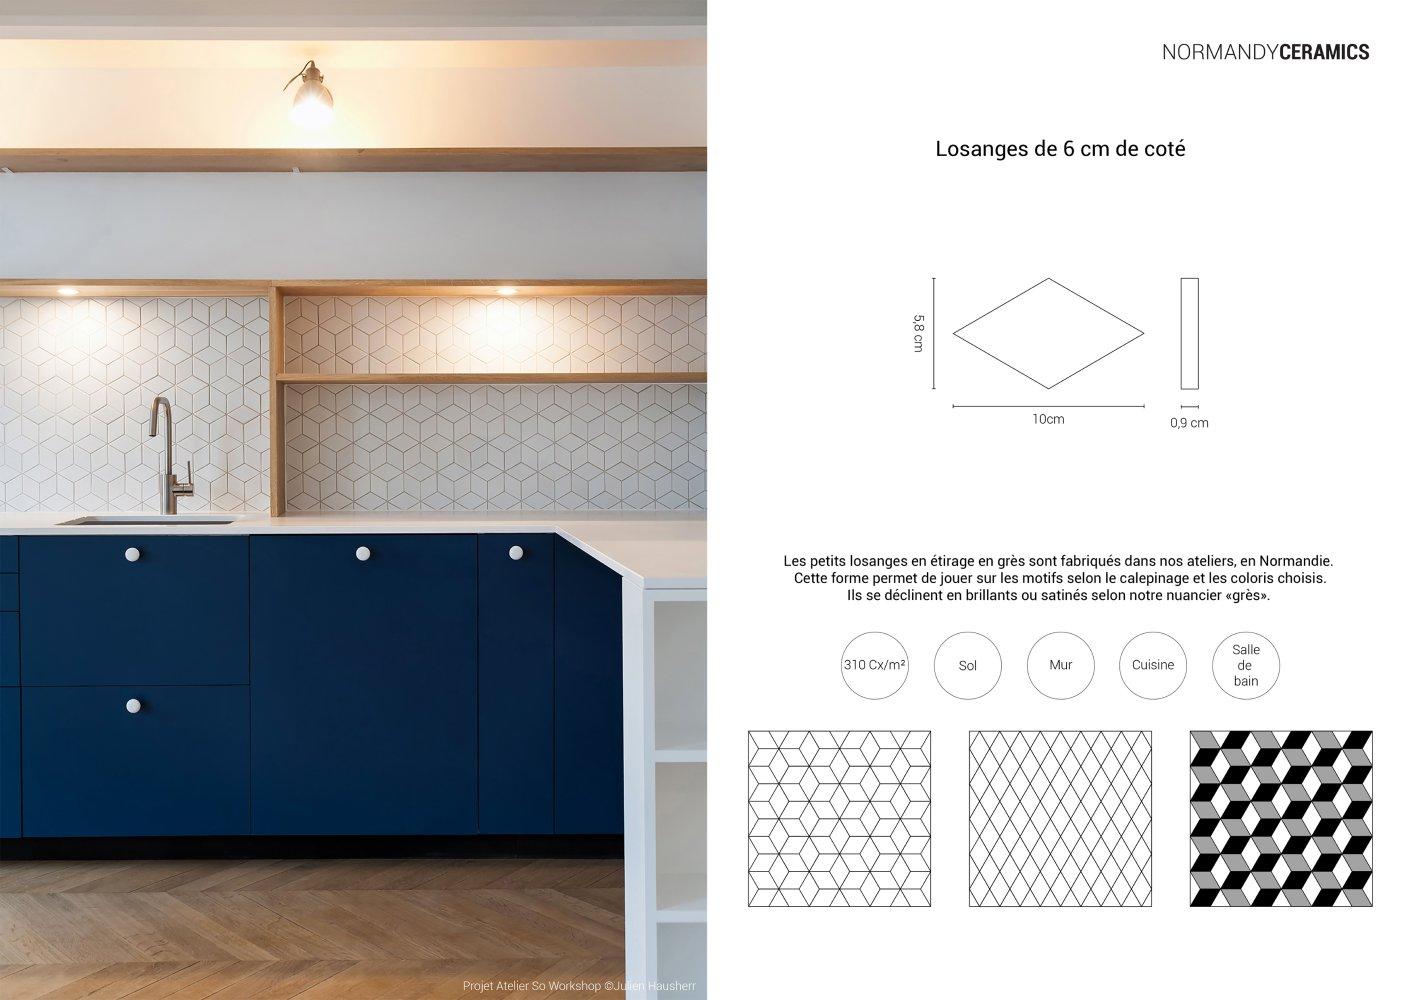 Fiche ProduitPetit LosangeNormandy Ceramics Normandy Ceramics - Carrelage losange